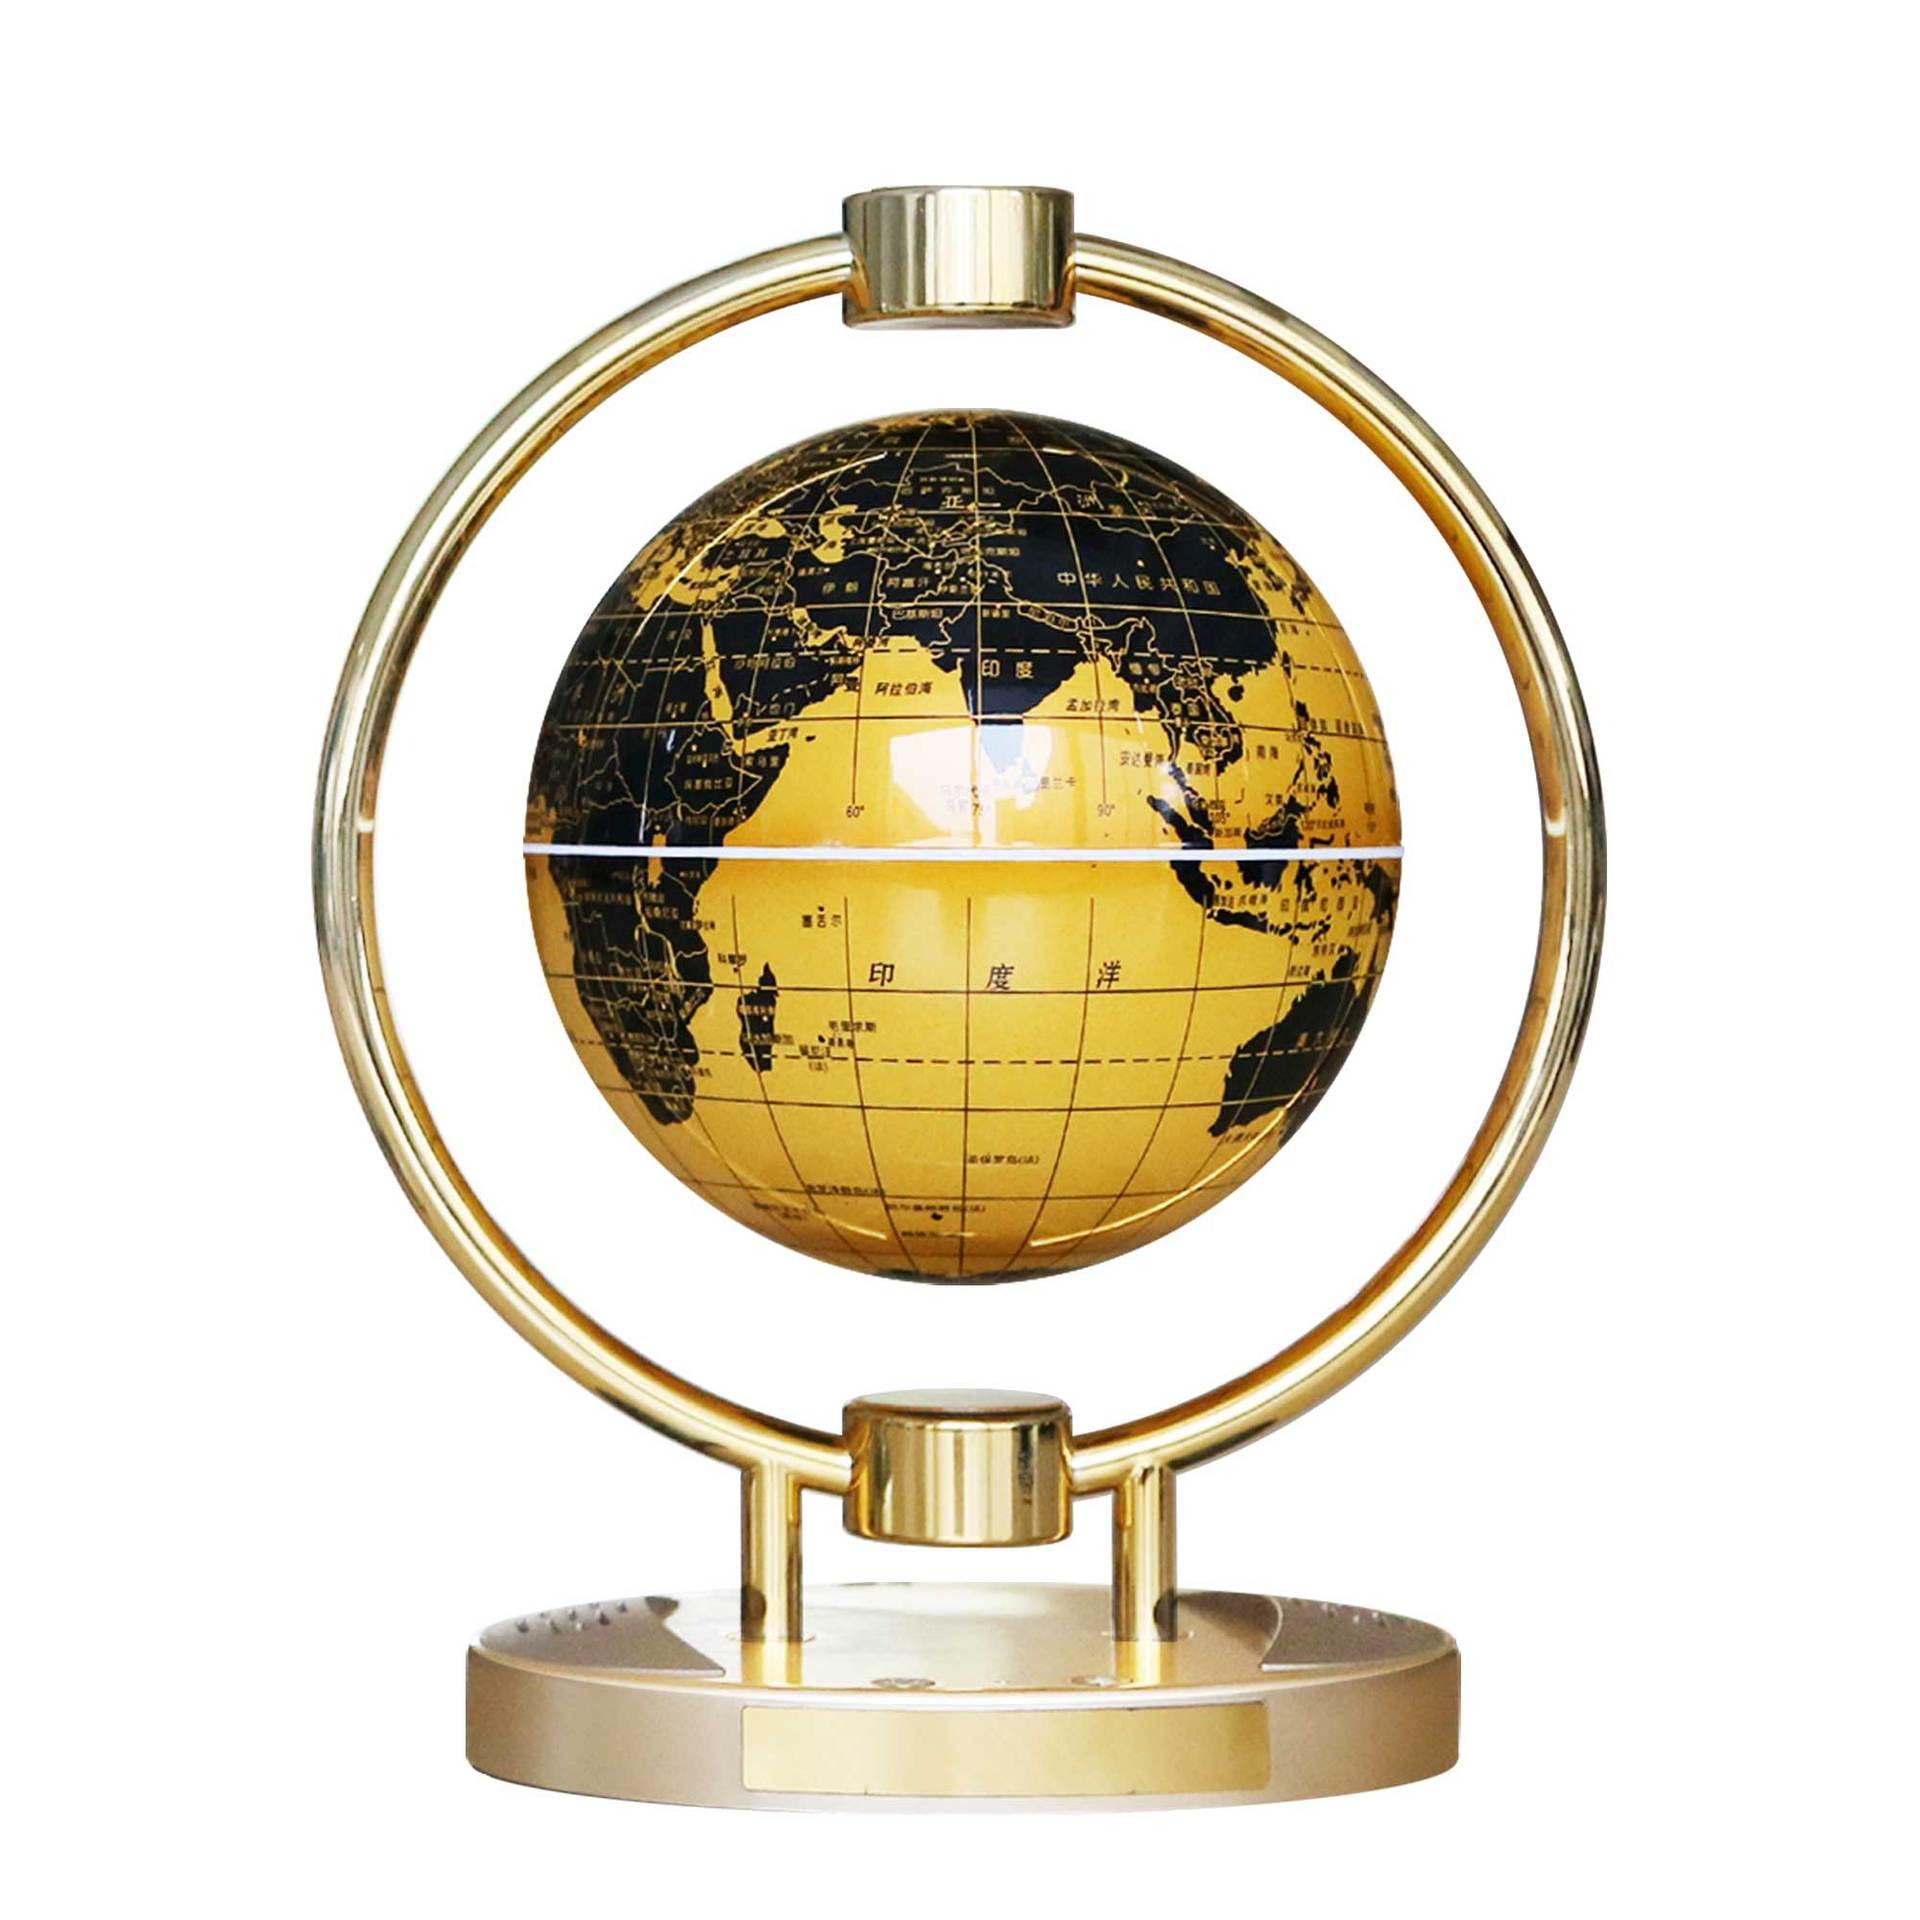 Магнитный левитационный Плавающий глобус, 6 антигравитационная карта мира Созвездие спиннинг шар с сенсорным управлением светодиодный светильник, креативный